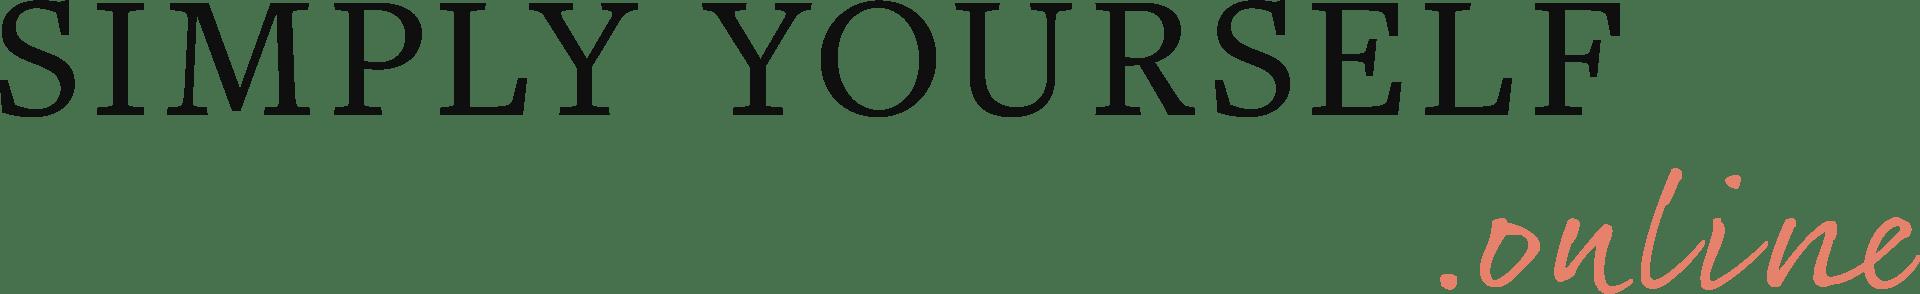 Logo podstawowe poziome kolorowe-1920px